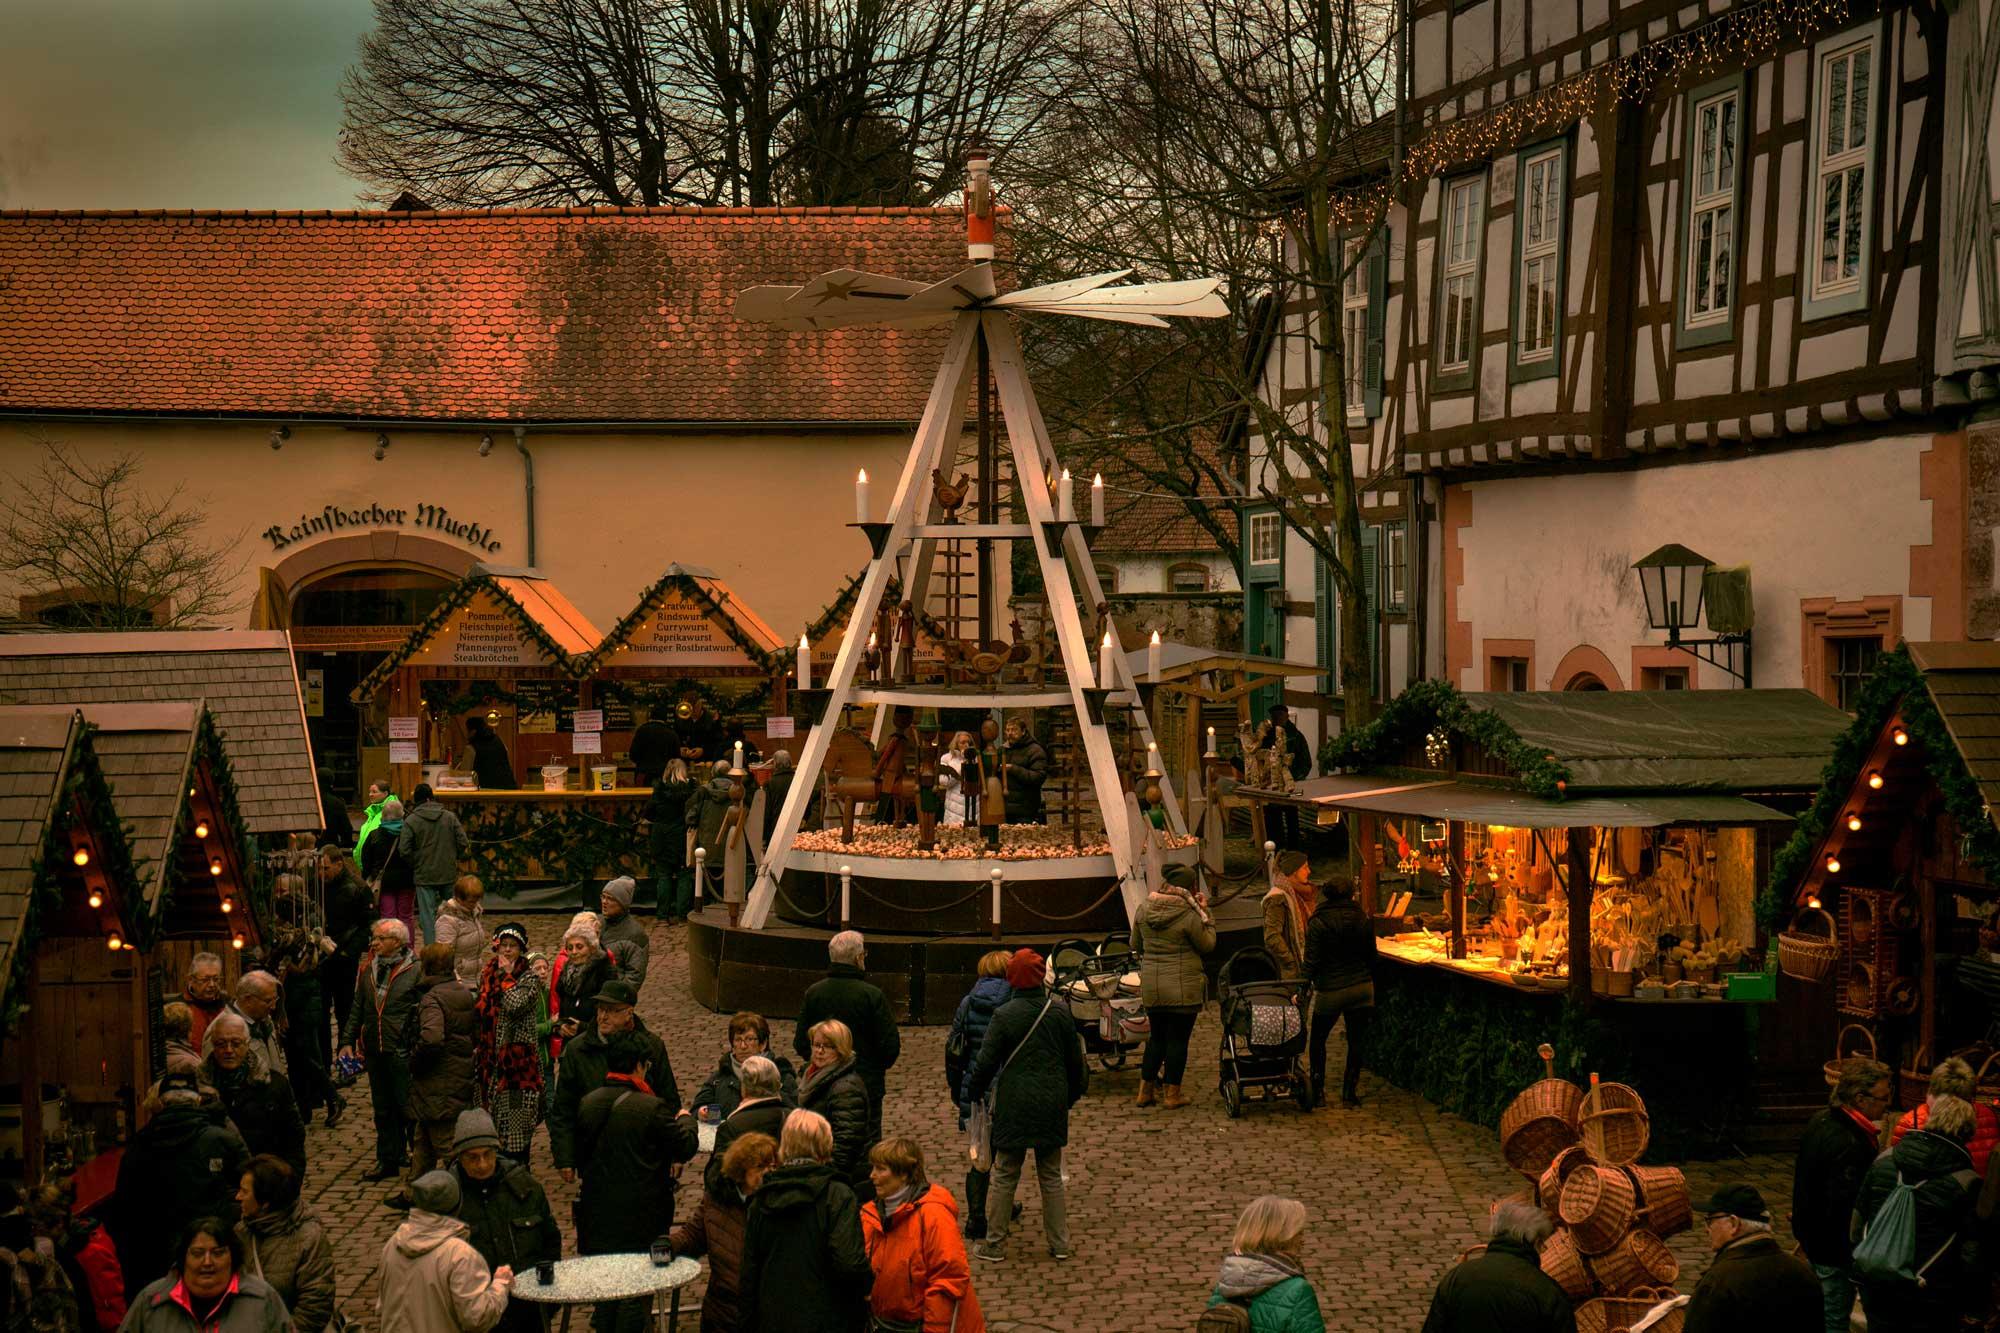 Weihnachtsmarkt in Michelstadt im Odenwald